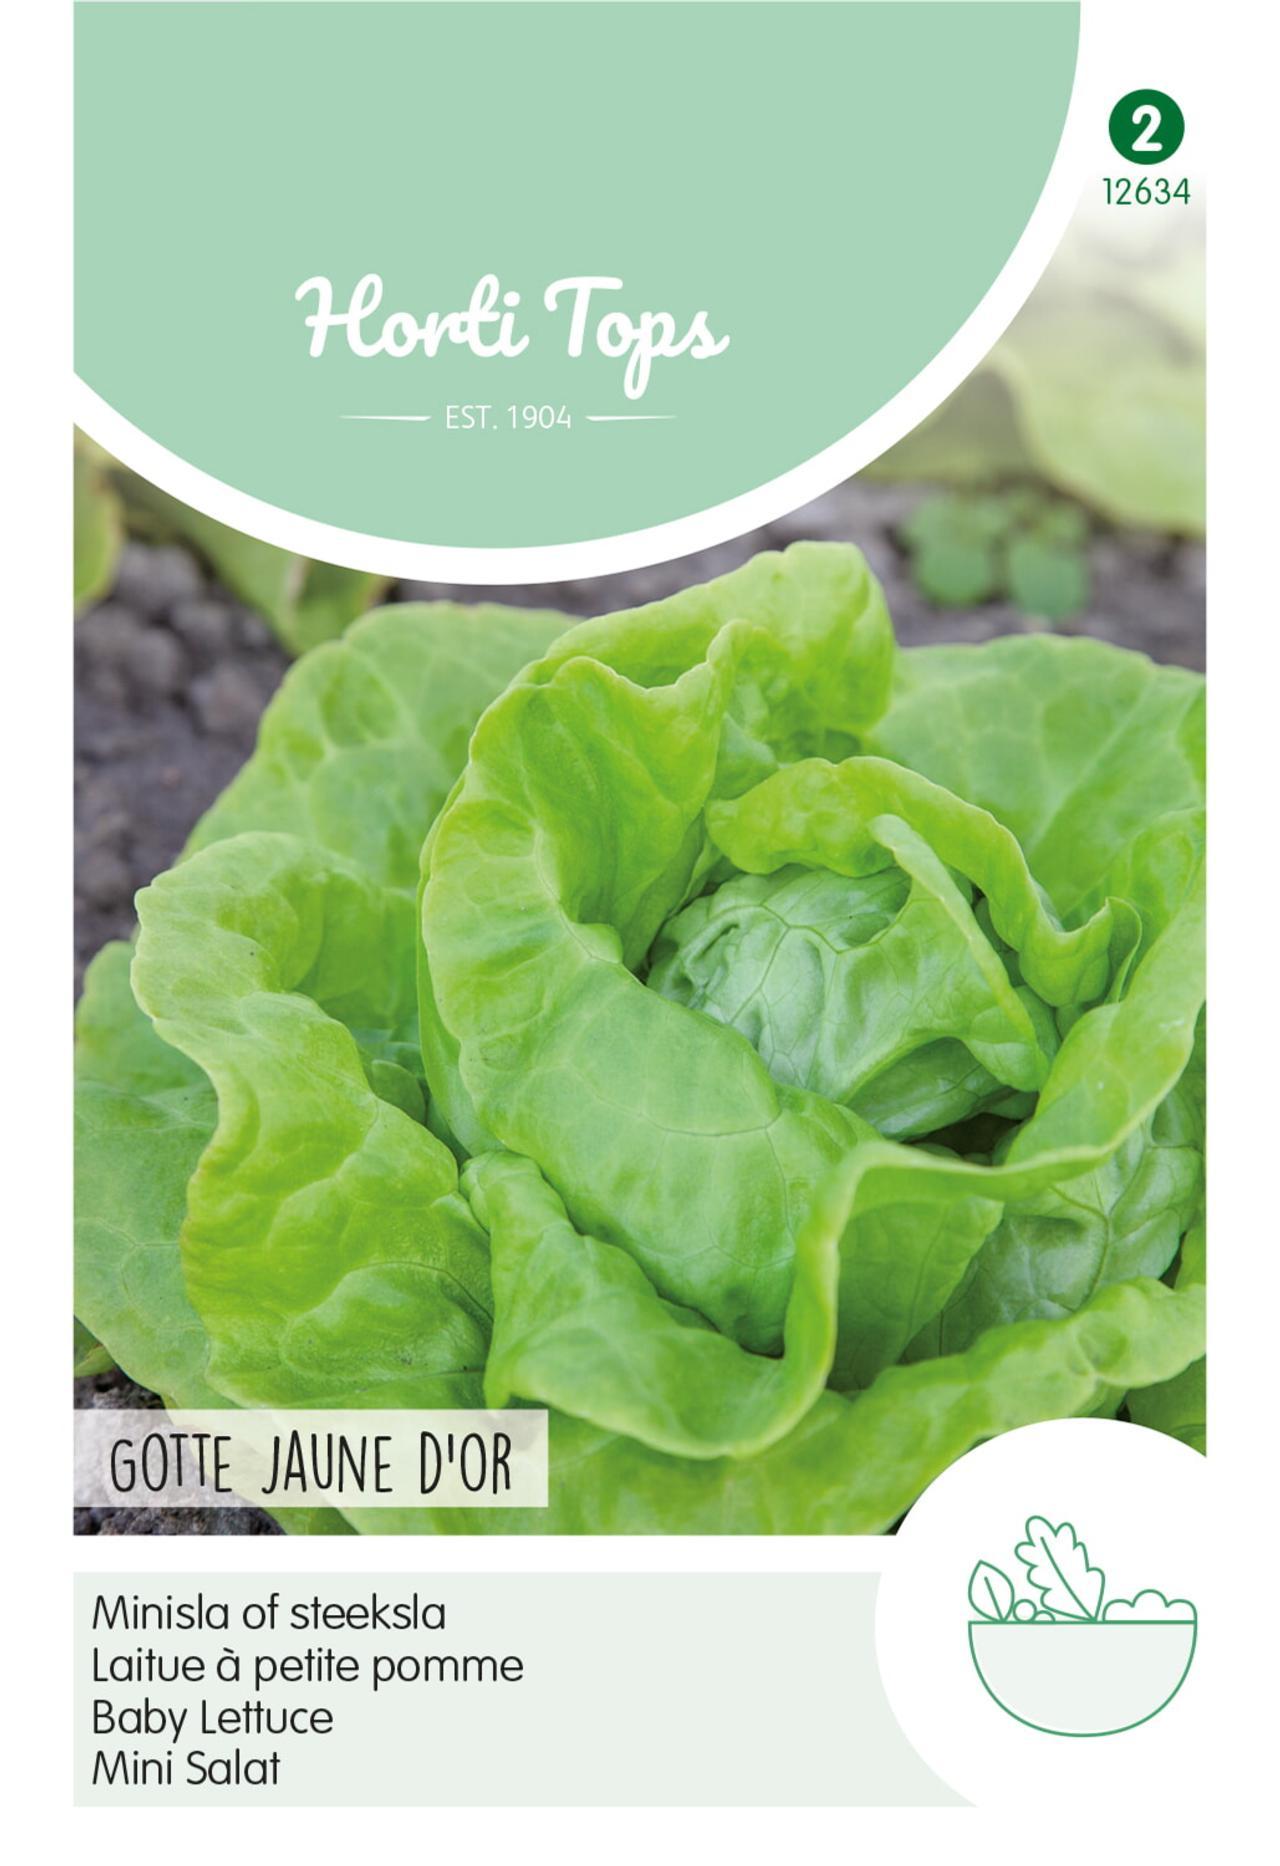 Lactuca sativa 'Gotte Jaune D'Or' plant